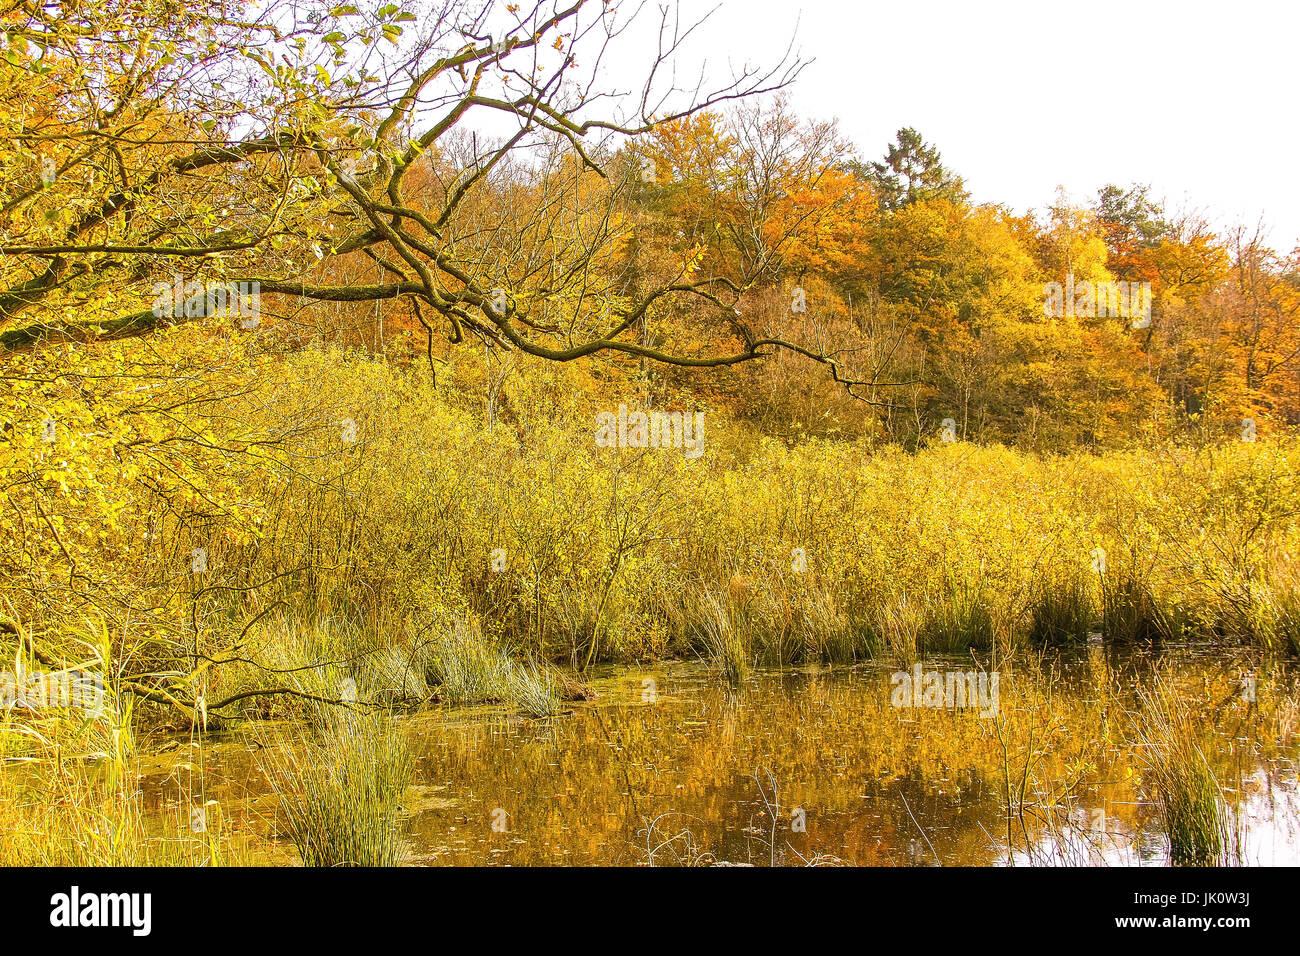 bank area of a forest pond in the midst of a break wood in autumn-coloured, uferbereich eines waldweihers inmitten eines bruchwaldes in herbstfarben Stock Photo